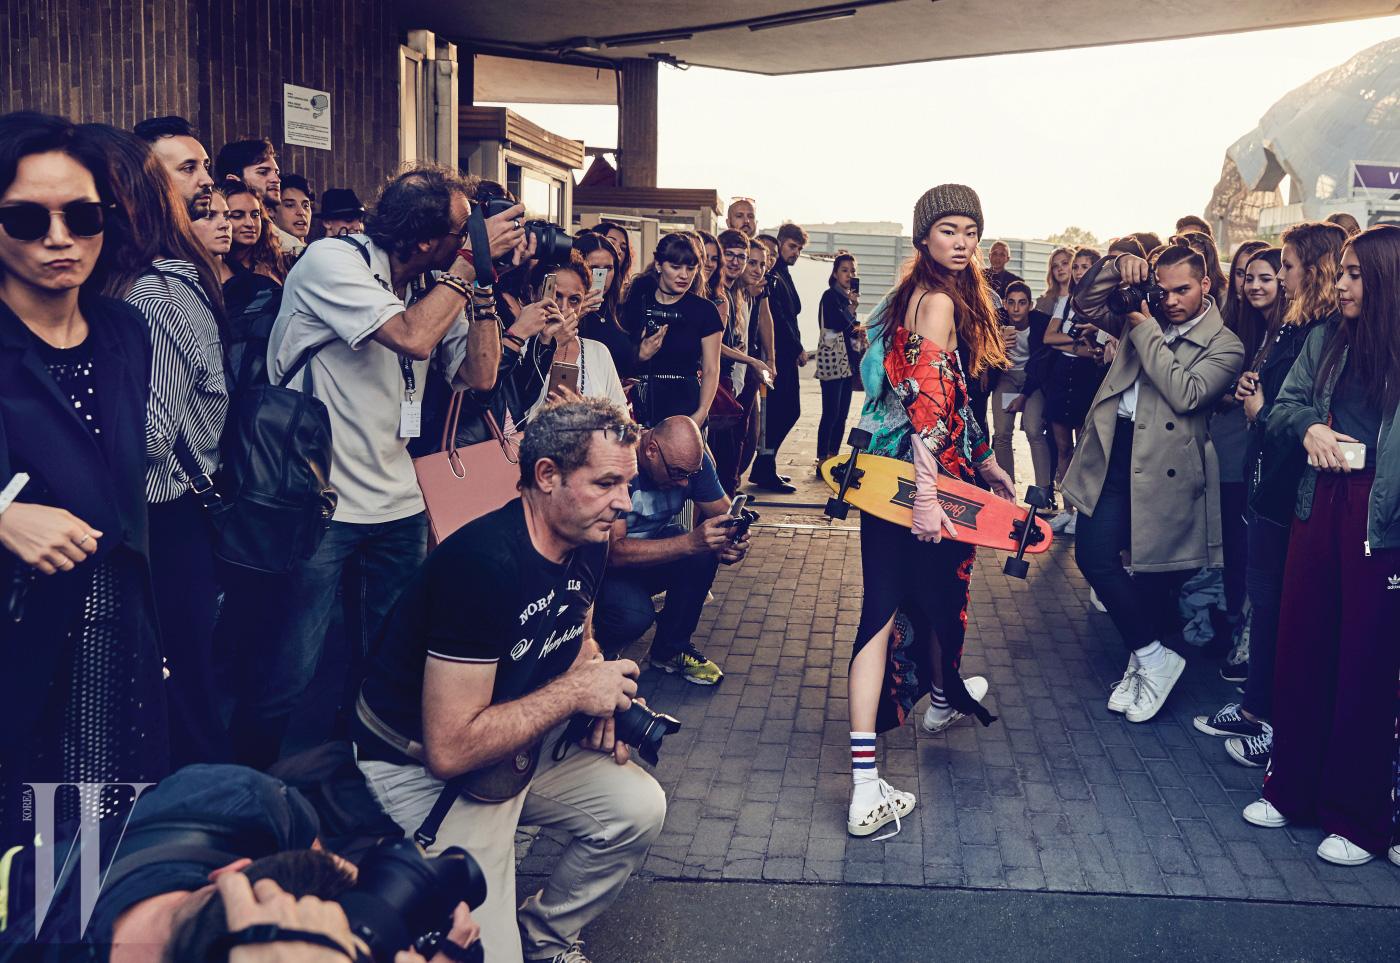 재킷은 Gucci, 드레스는 Versace, 비니는 Nonagon, 스니커즈는 Saint Laurent 제품. 화보에 등장하는 스케이트보드는 모두 Dolly Noire 제품.